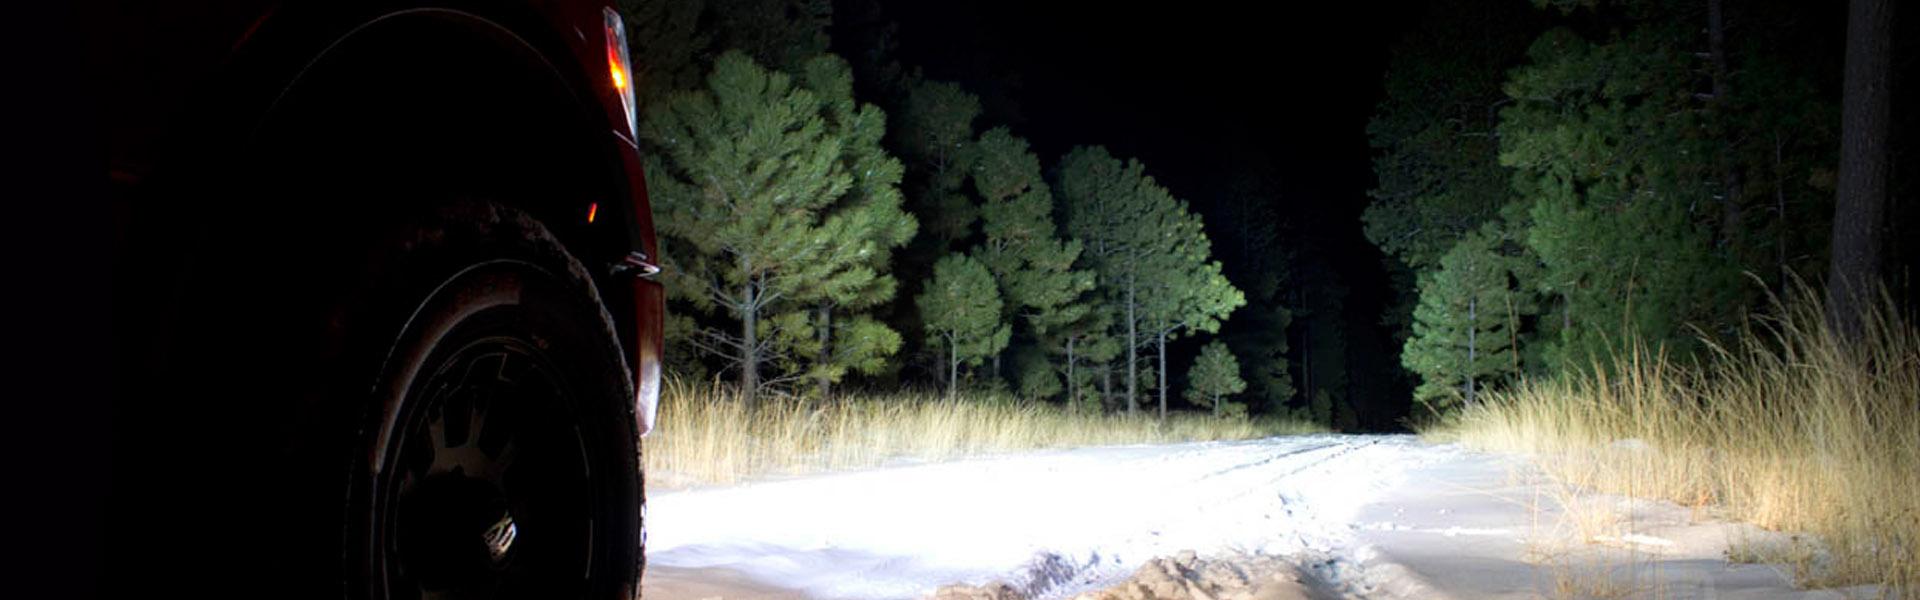 LED lámpa - offroad erdőben